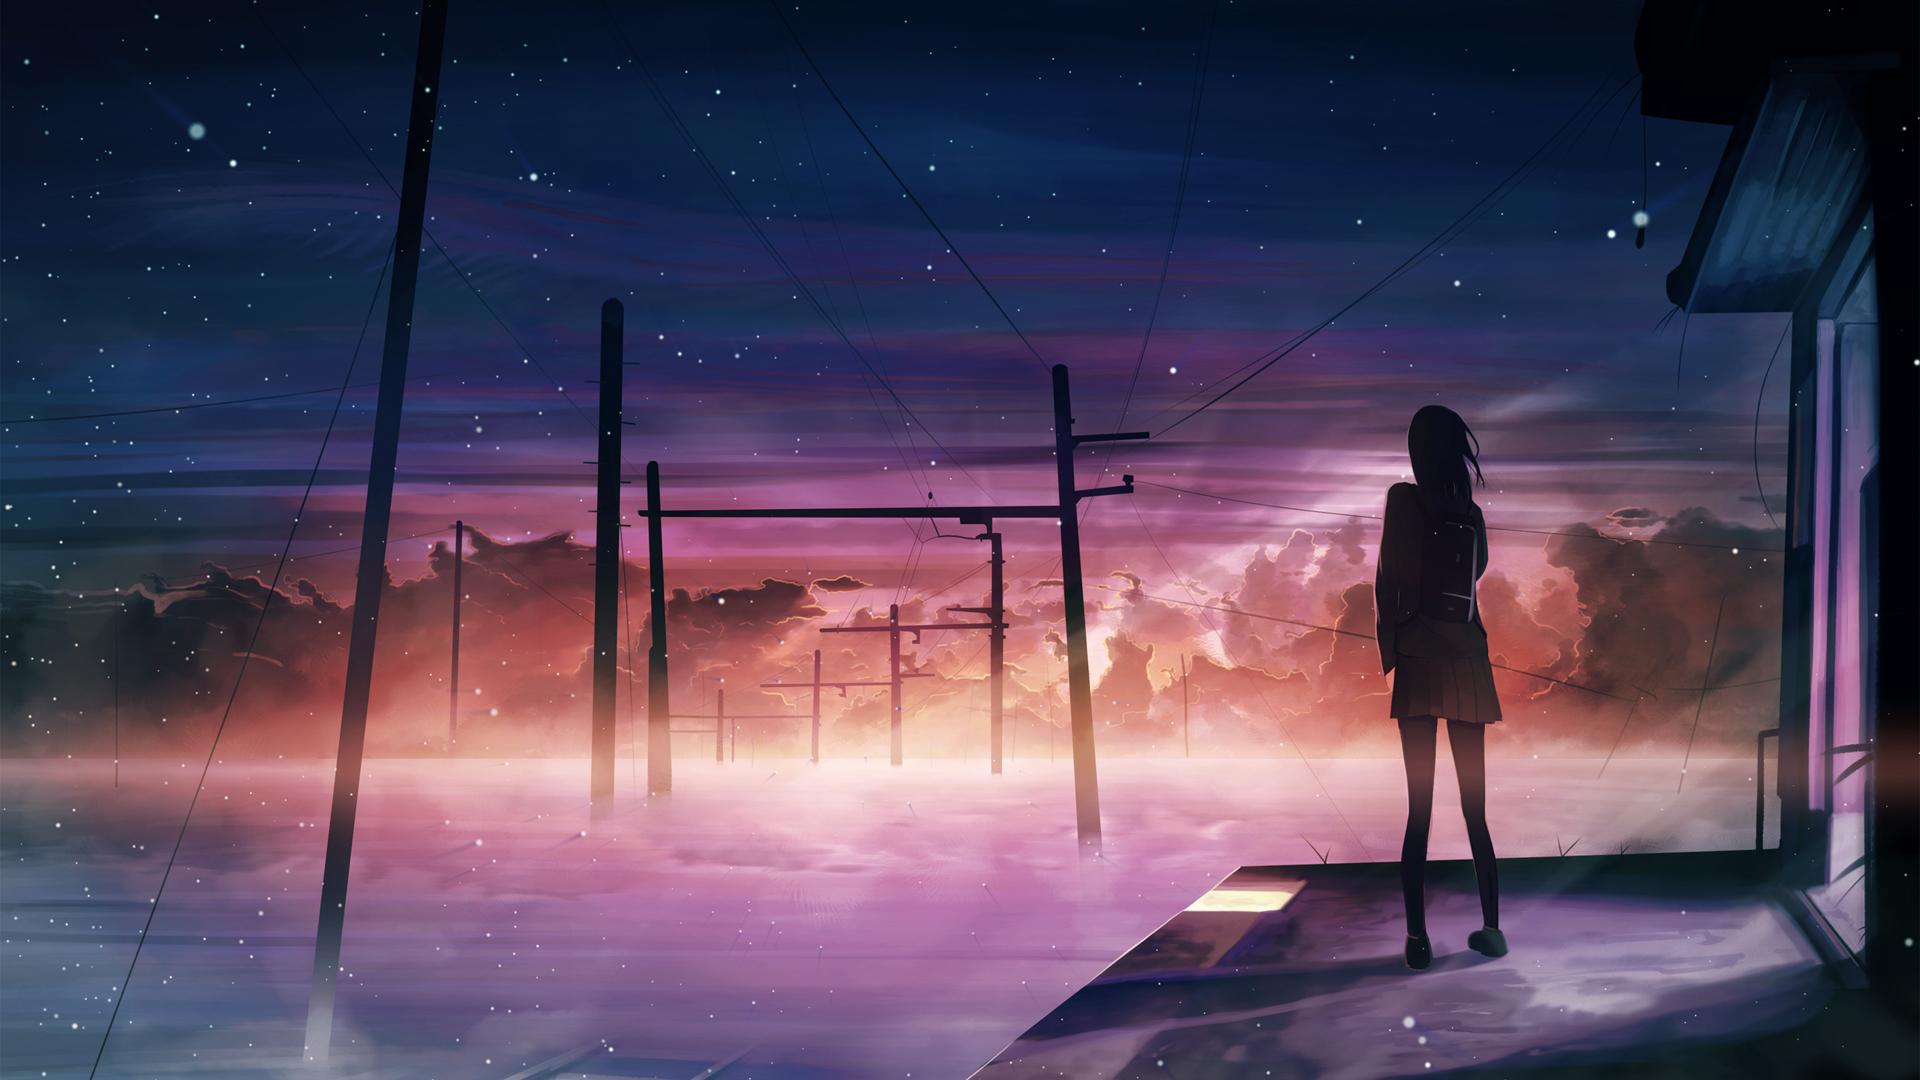 晚上 星空 女子 夕阳 异世界 唯美动漫壁纸